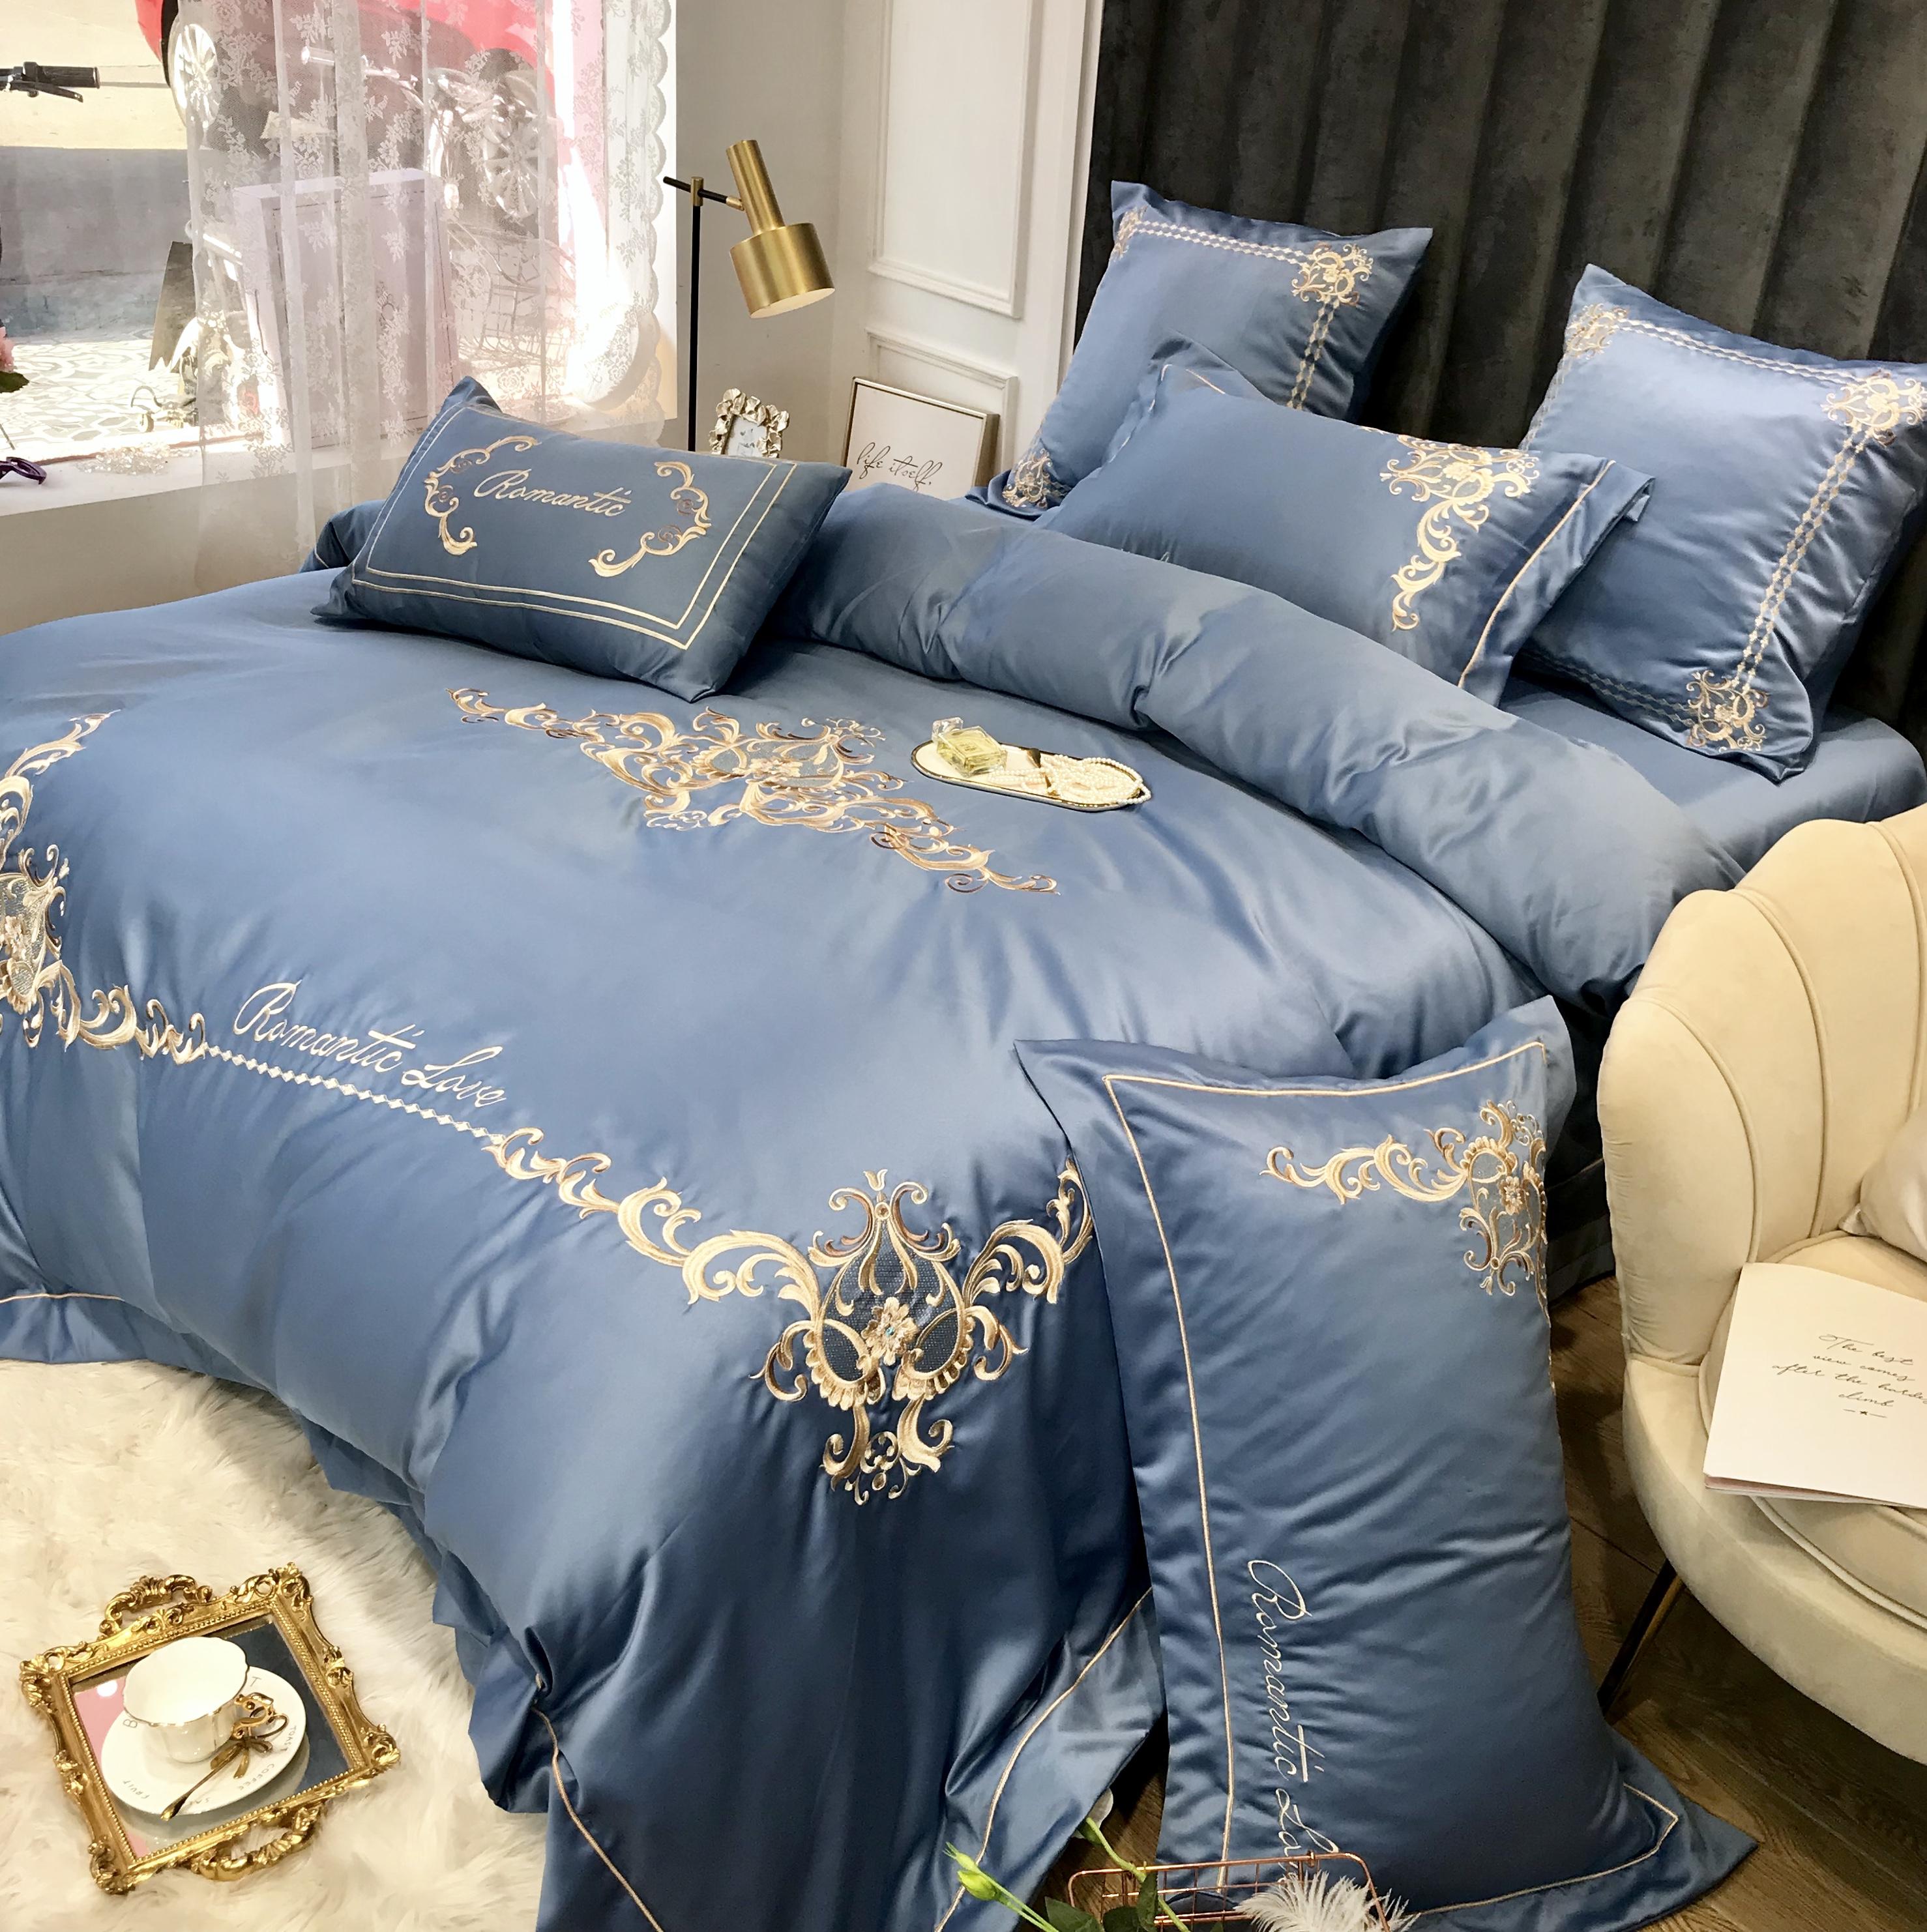 奢华高档真丝床上用品全棉纯棉被套248.00元包邮